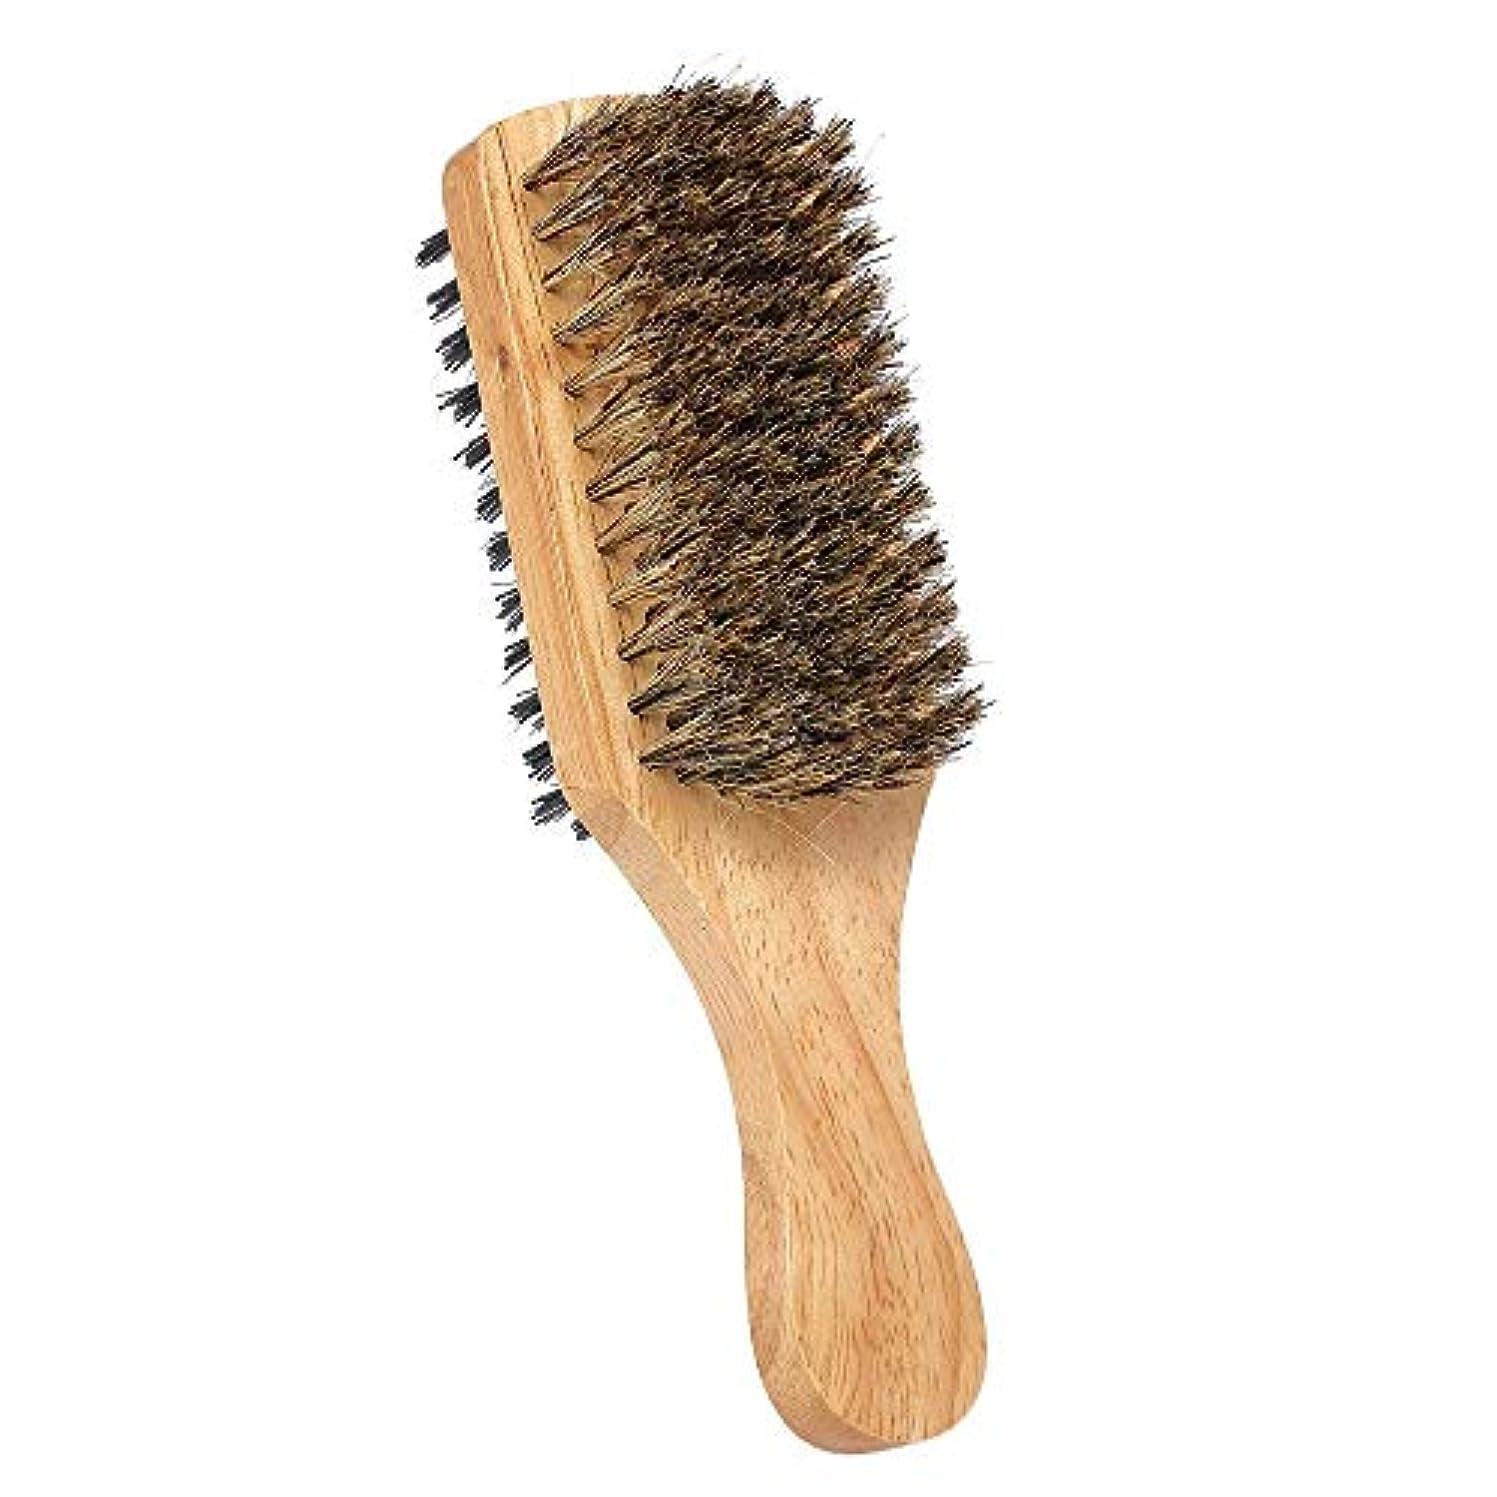 終点ウォーターフロント差し迫ったシェービングブラシ メンズ 理容 洗顔 髭剃り ひげ髭ブラシ ひげケア ひげ剃り シェービングブラシ デュアルサイド (Color : #2)